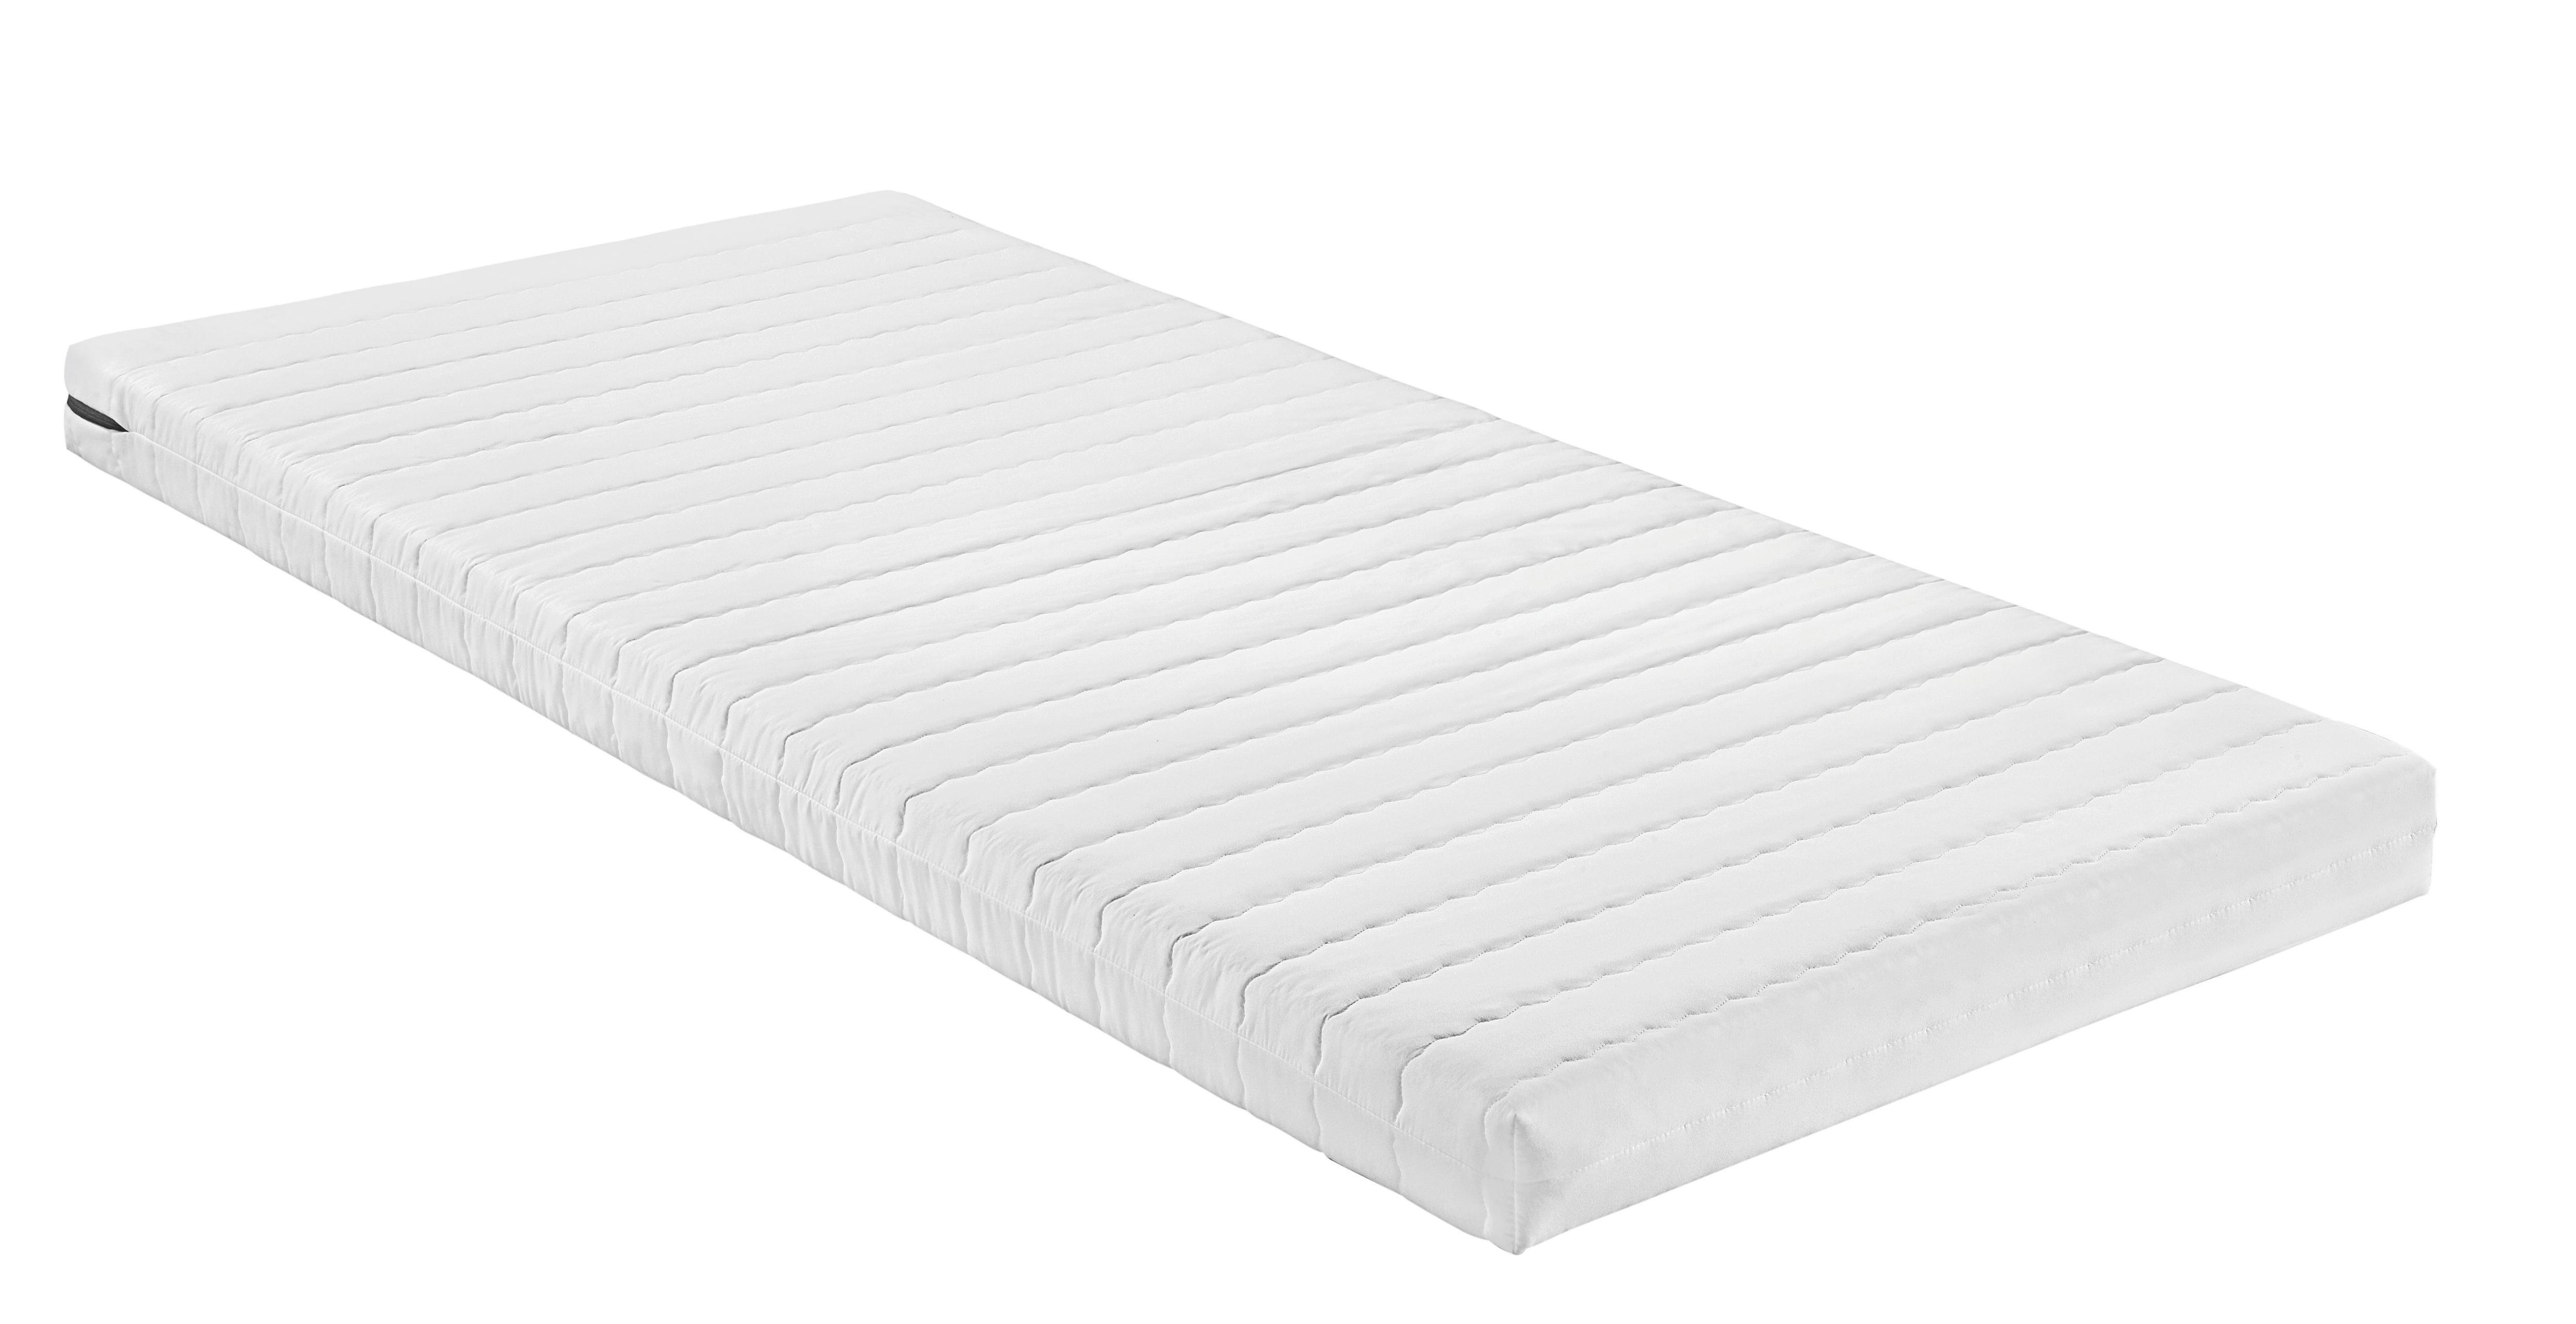 Komfortschaummatratze Schaumstoffkern ca. 90x200cm - Weiß, Textil (200/90/11cm) - NADANA